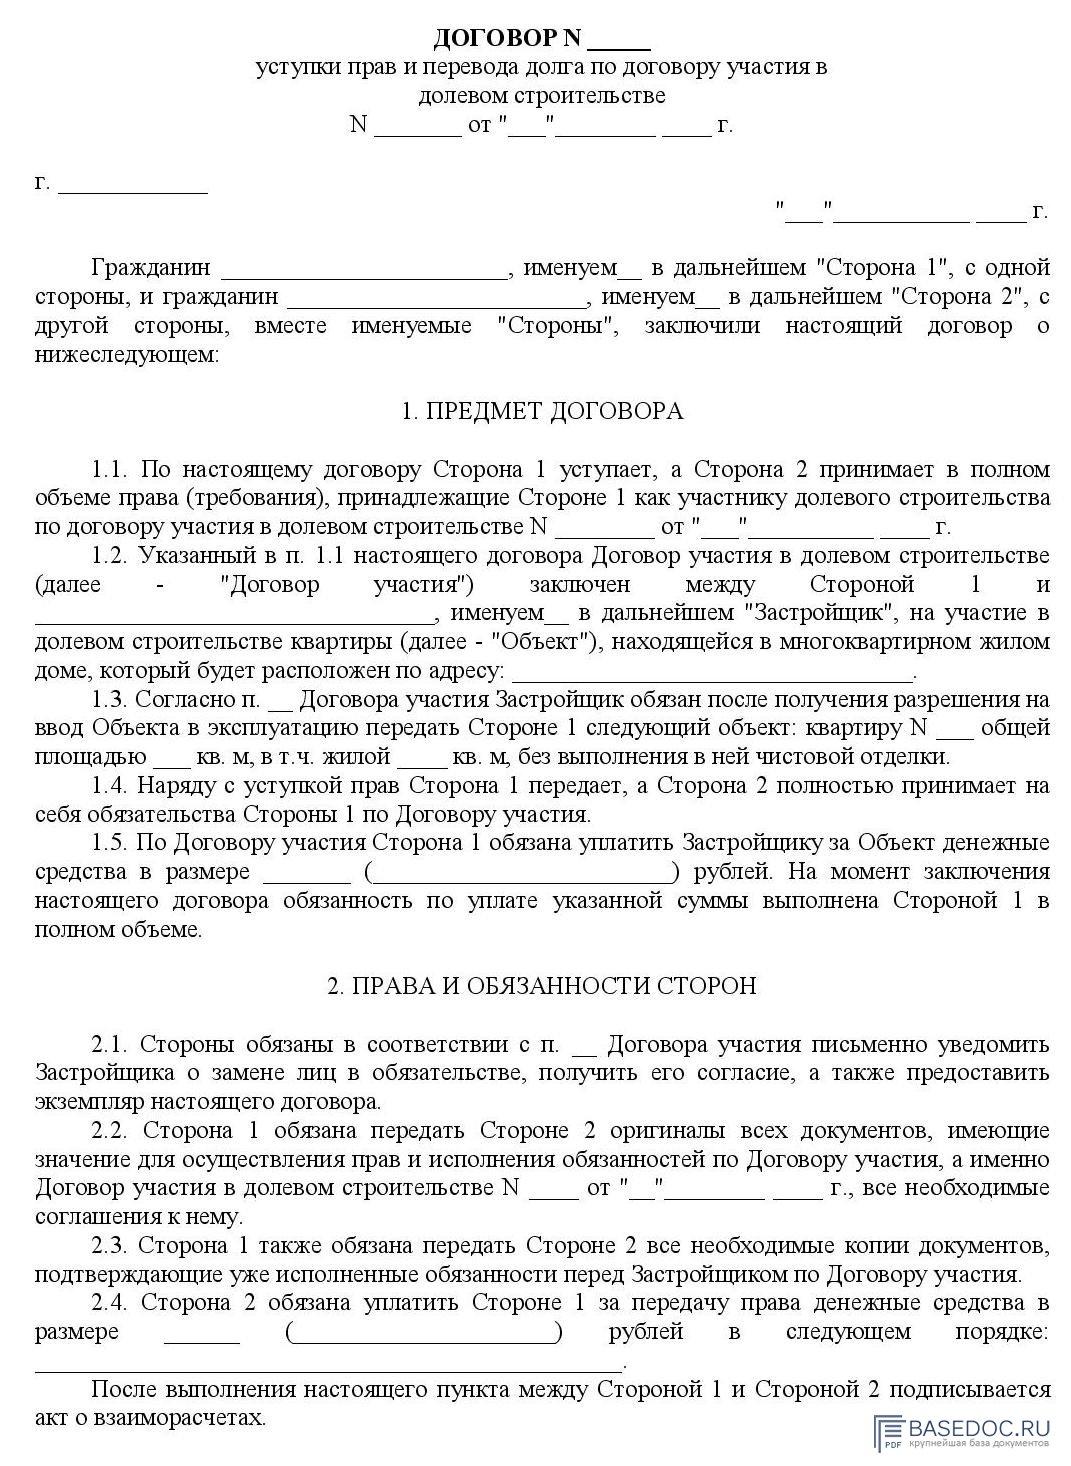 Образец договора уступки права требования по договору долевого участия